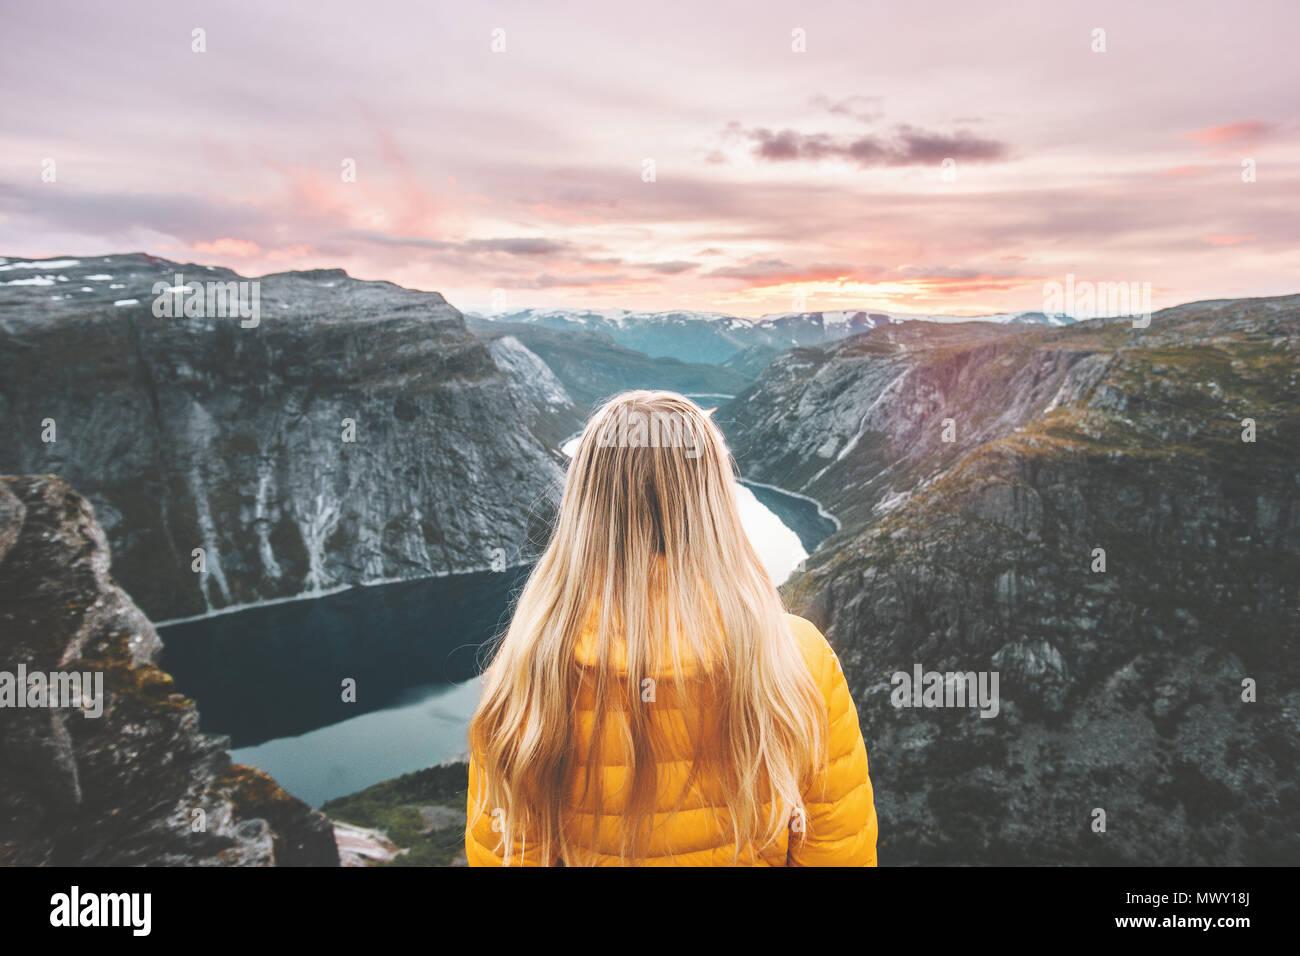 Una donna che viaggia da sola godendo del tramonto paesaggio montagne viaggio avventura lifestyle vacanze weekend antenna Norvegia paesaggio del lago Immagini Stock